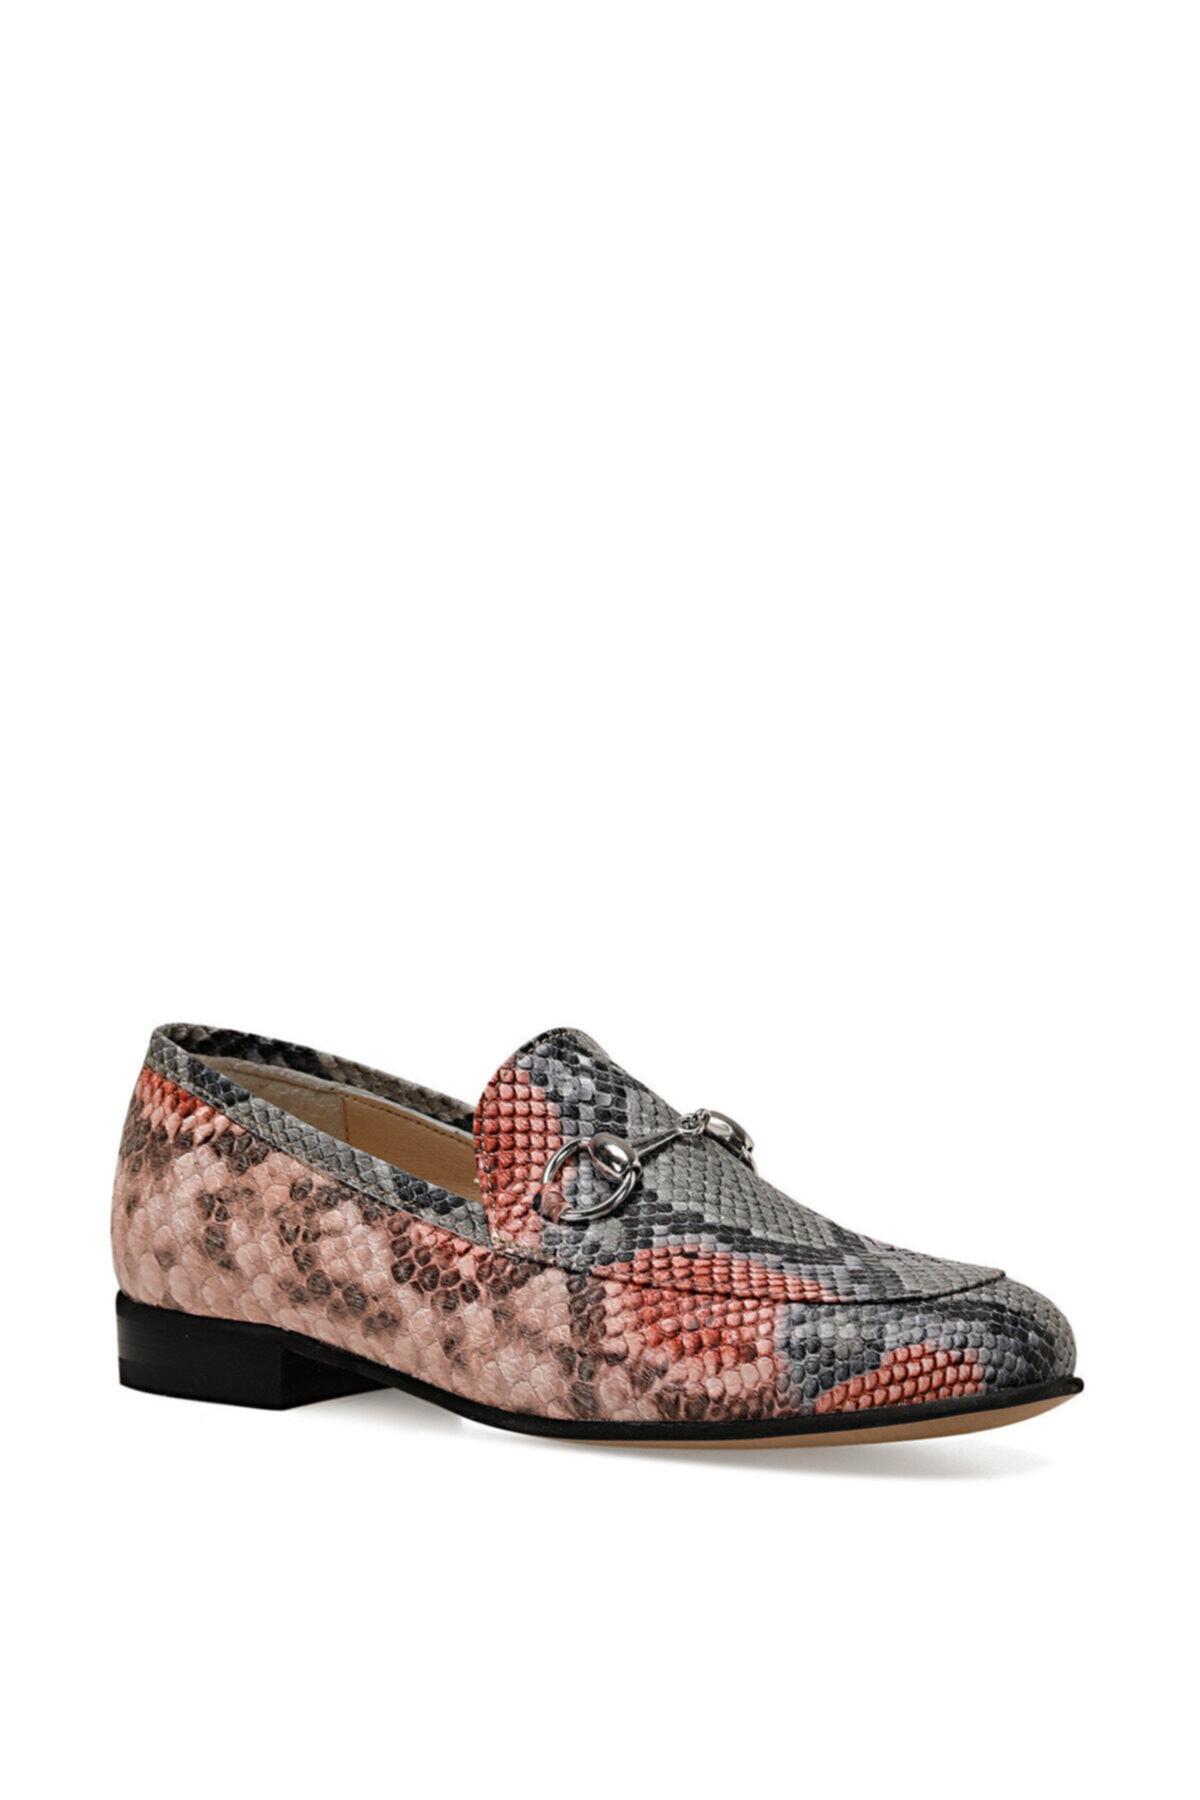 Nine West FILANA Pembe Kadın Loafer Ayakkabı 100526815 2